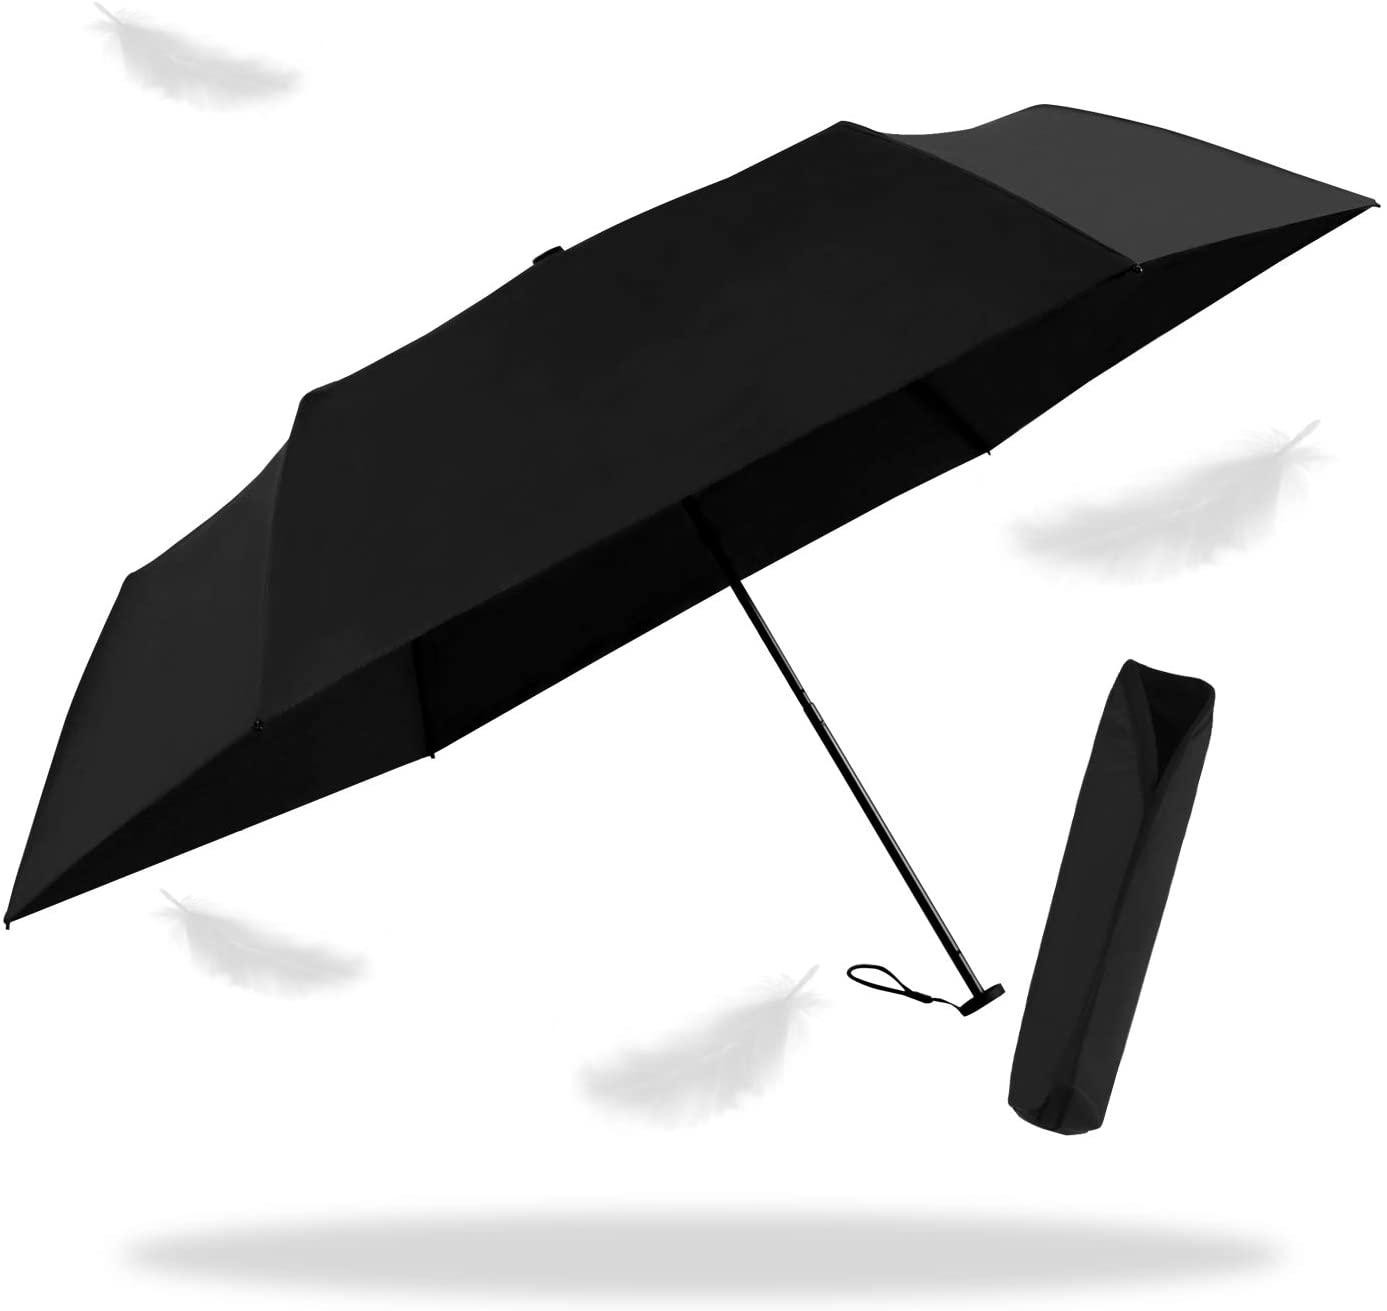 TaiYou 折りたたみ傘 日傘 軽量の商品画像